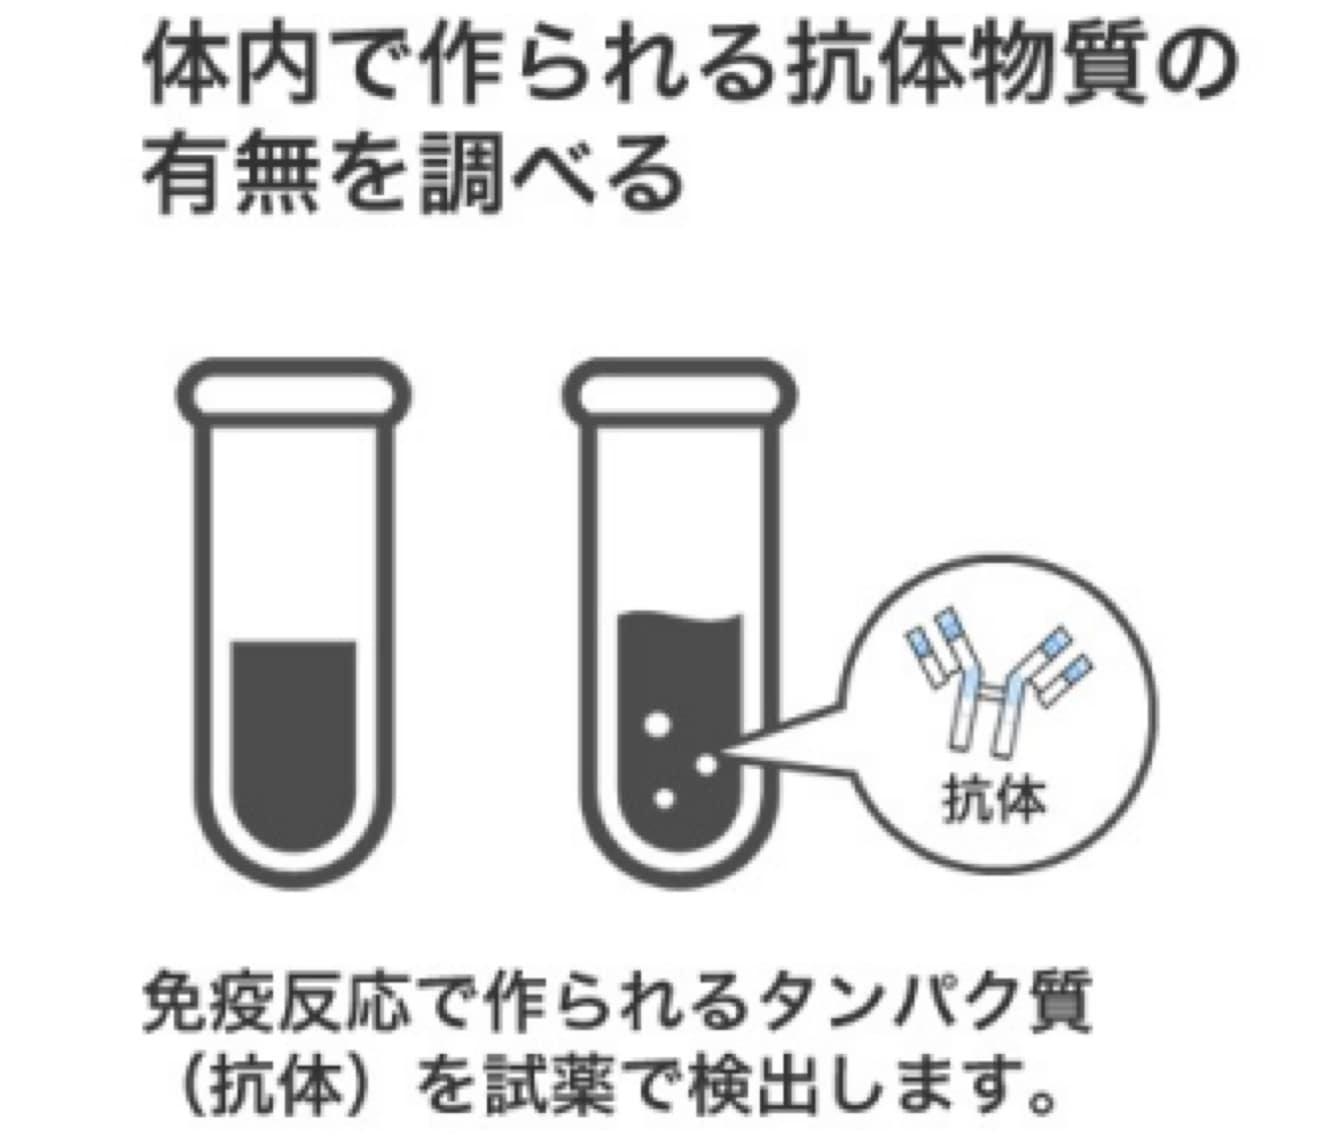 【10キット】コロナウイルス抗体検査キット(1キットあたり2,100円)採血針つき※平日12時までの決済で即日出荷